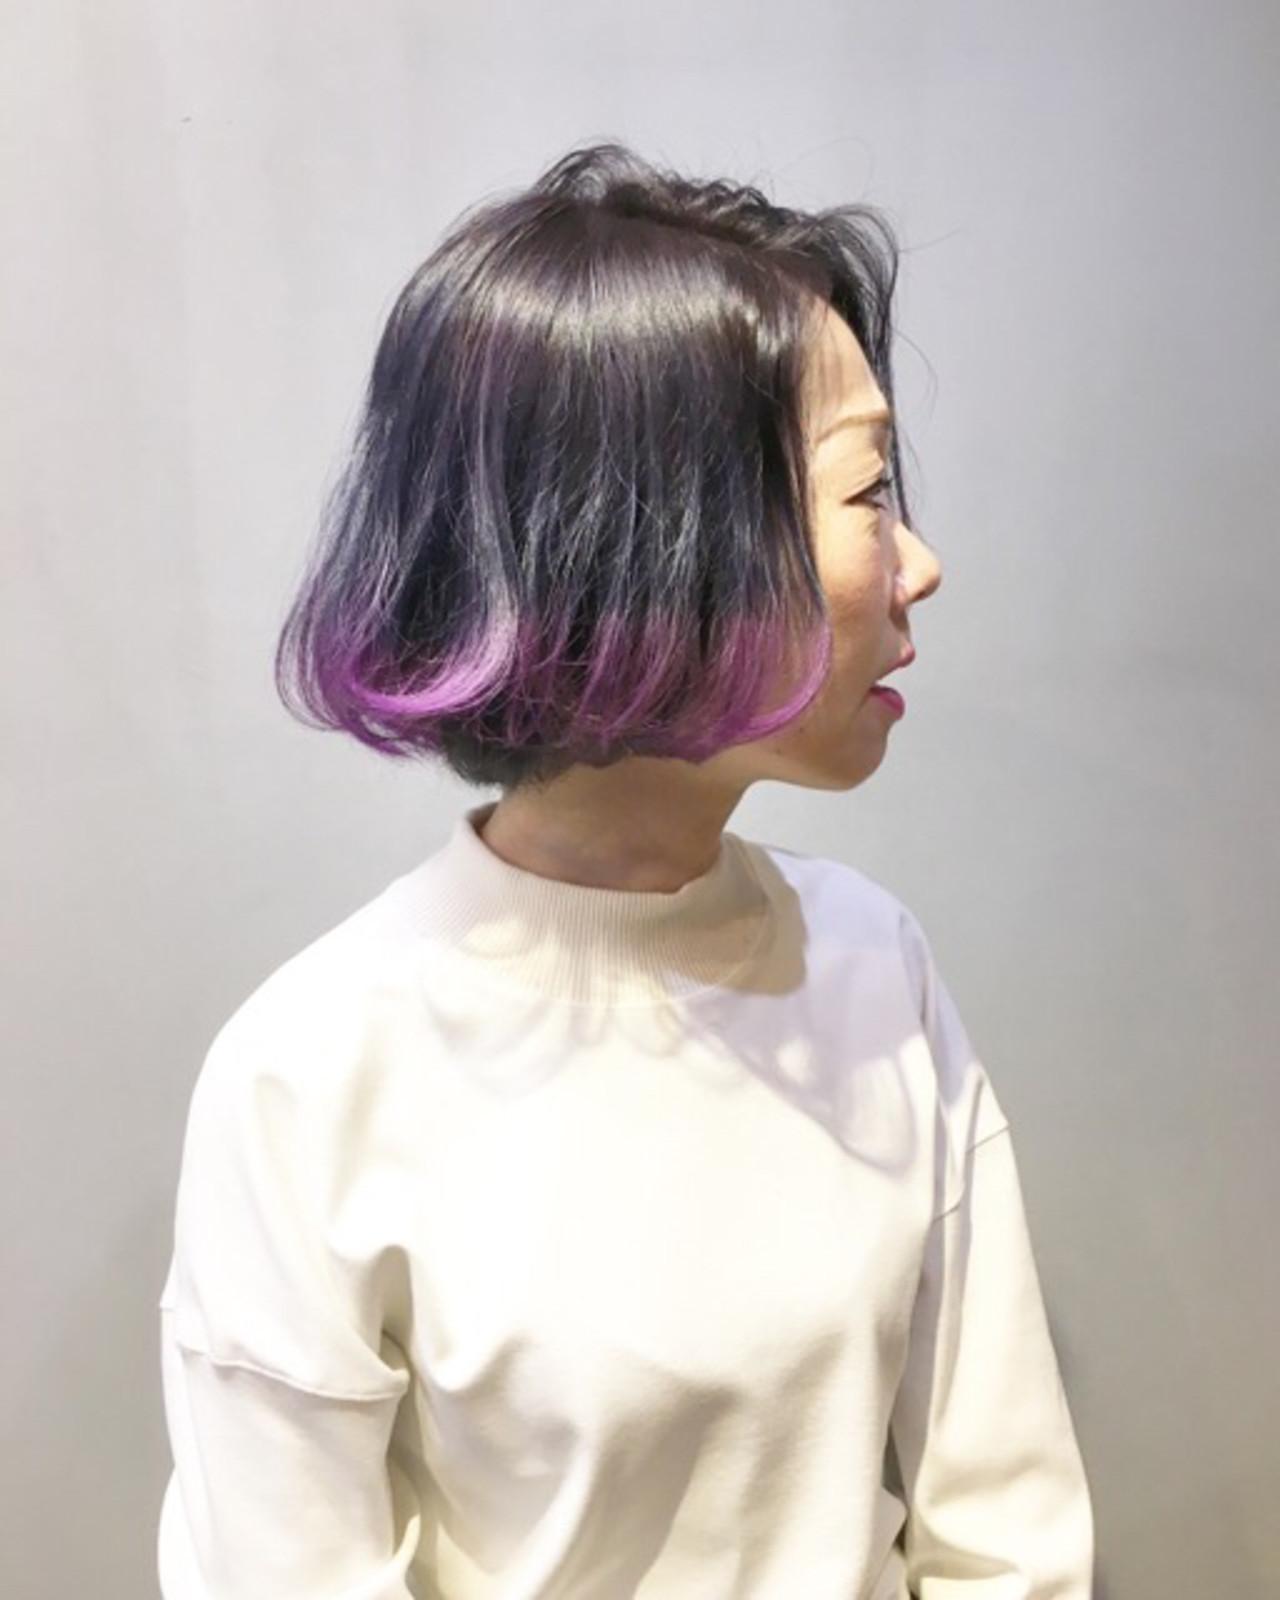 パープルアッシュ パープル ボブ パープルカラー ヘアスタイルや髪型の写真・画像